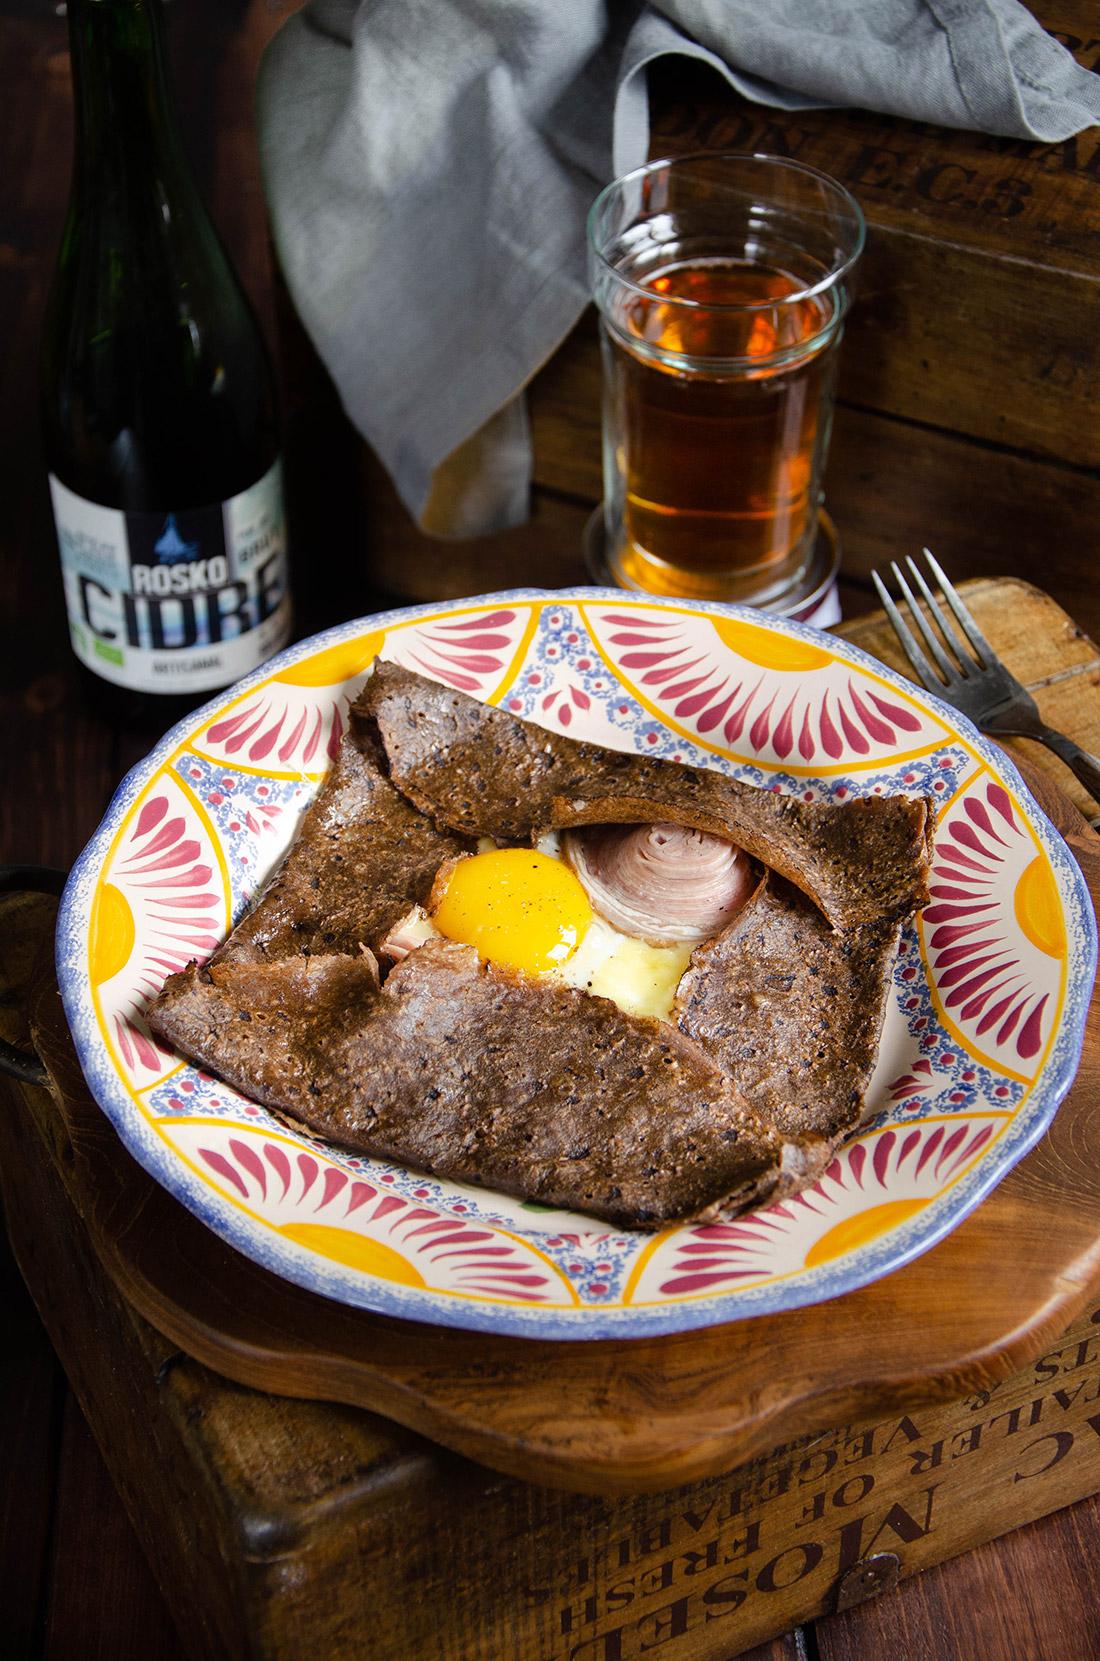 Recette de galette au blé noir, à l'andouille de Guéméné et au fromage darley